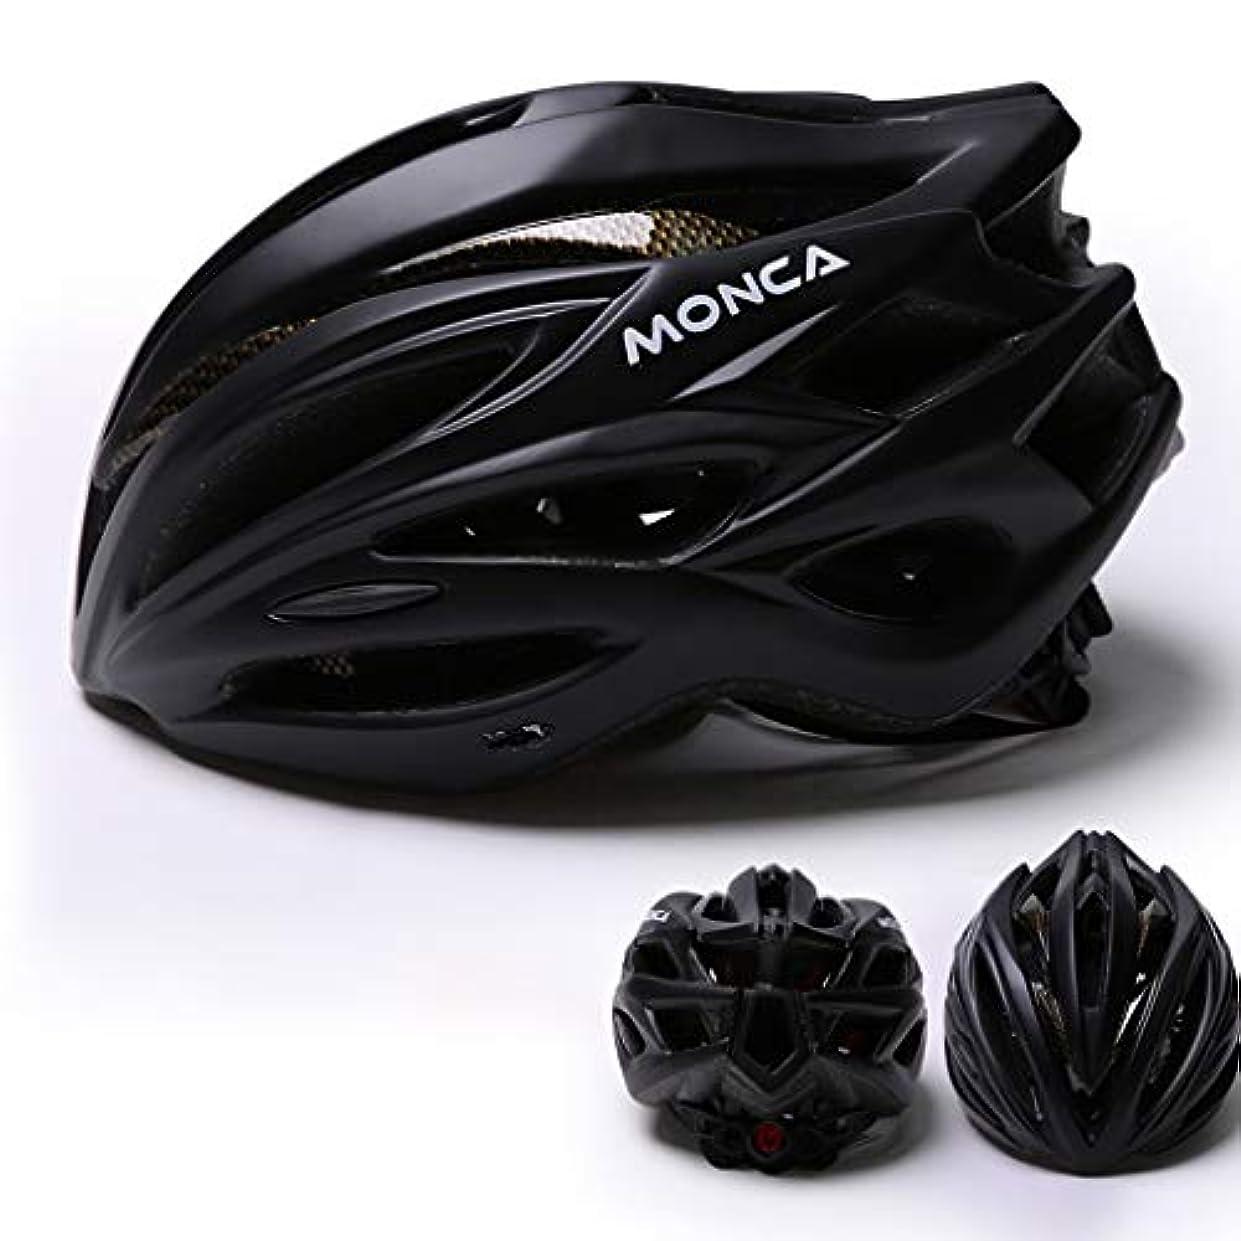 習慣負荷リブ取り外し可能なバイザー、調節可能な男性女性マウンテンロード自転車ヘルメット安全保護付き大人サイクリングバイクヘルメット